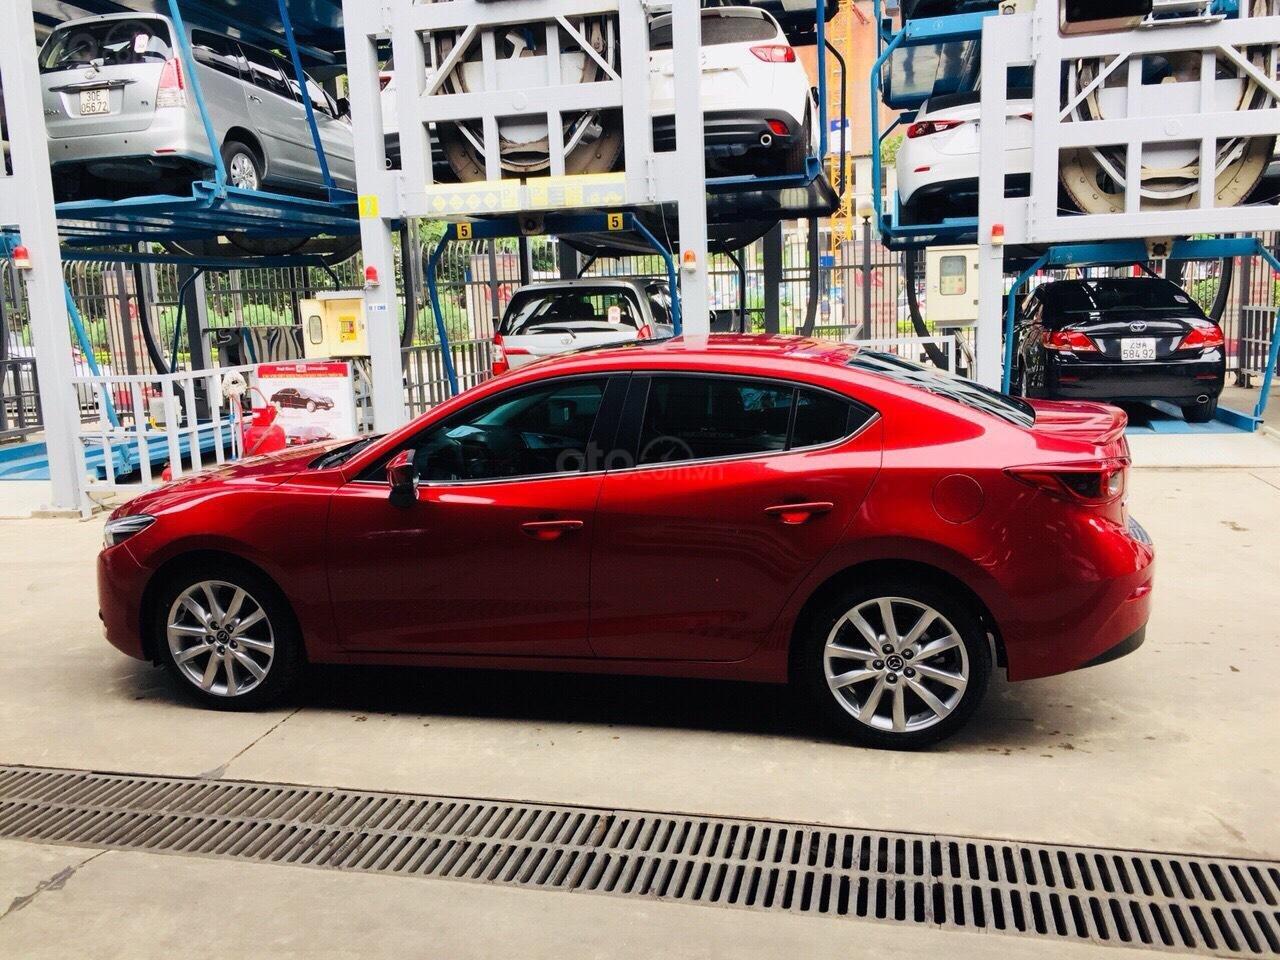 Chỉ 180tr nhận Mazda 3 tháng 10 giảm giá 70tr TG 90%, đủ màu, hỗ trợ ĐKĐK, giải quyết nợ xấu, LH MS thu 0981485819 (3)